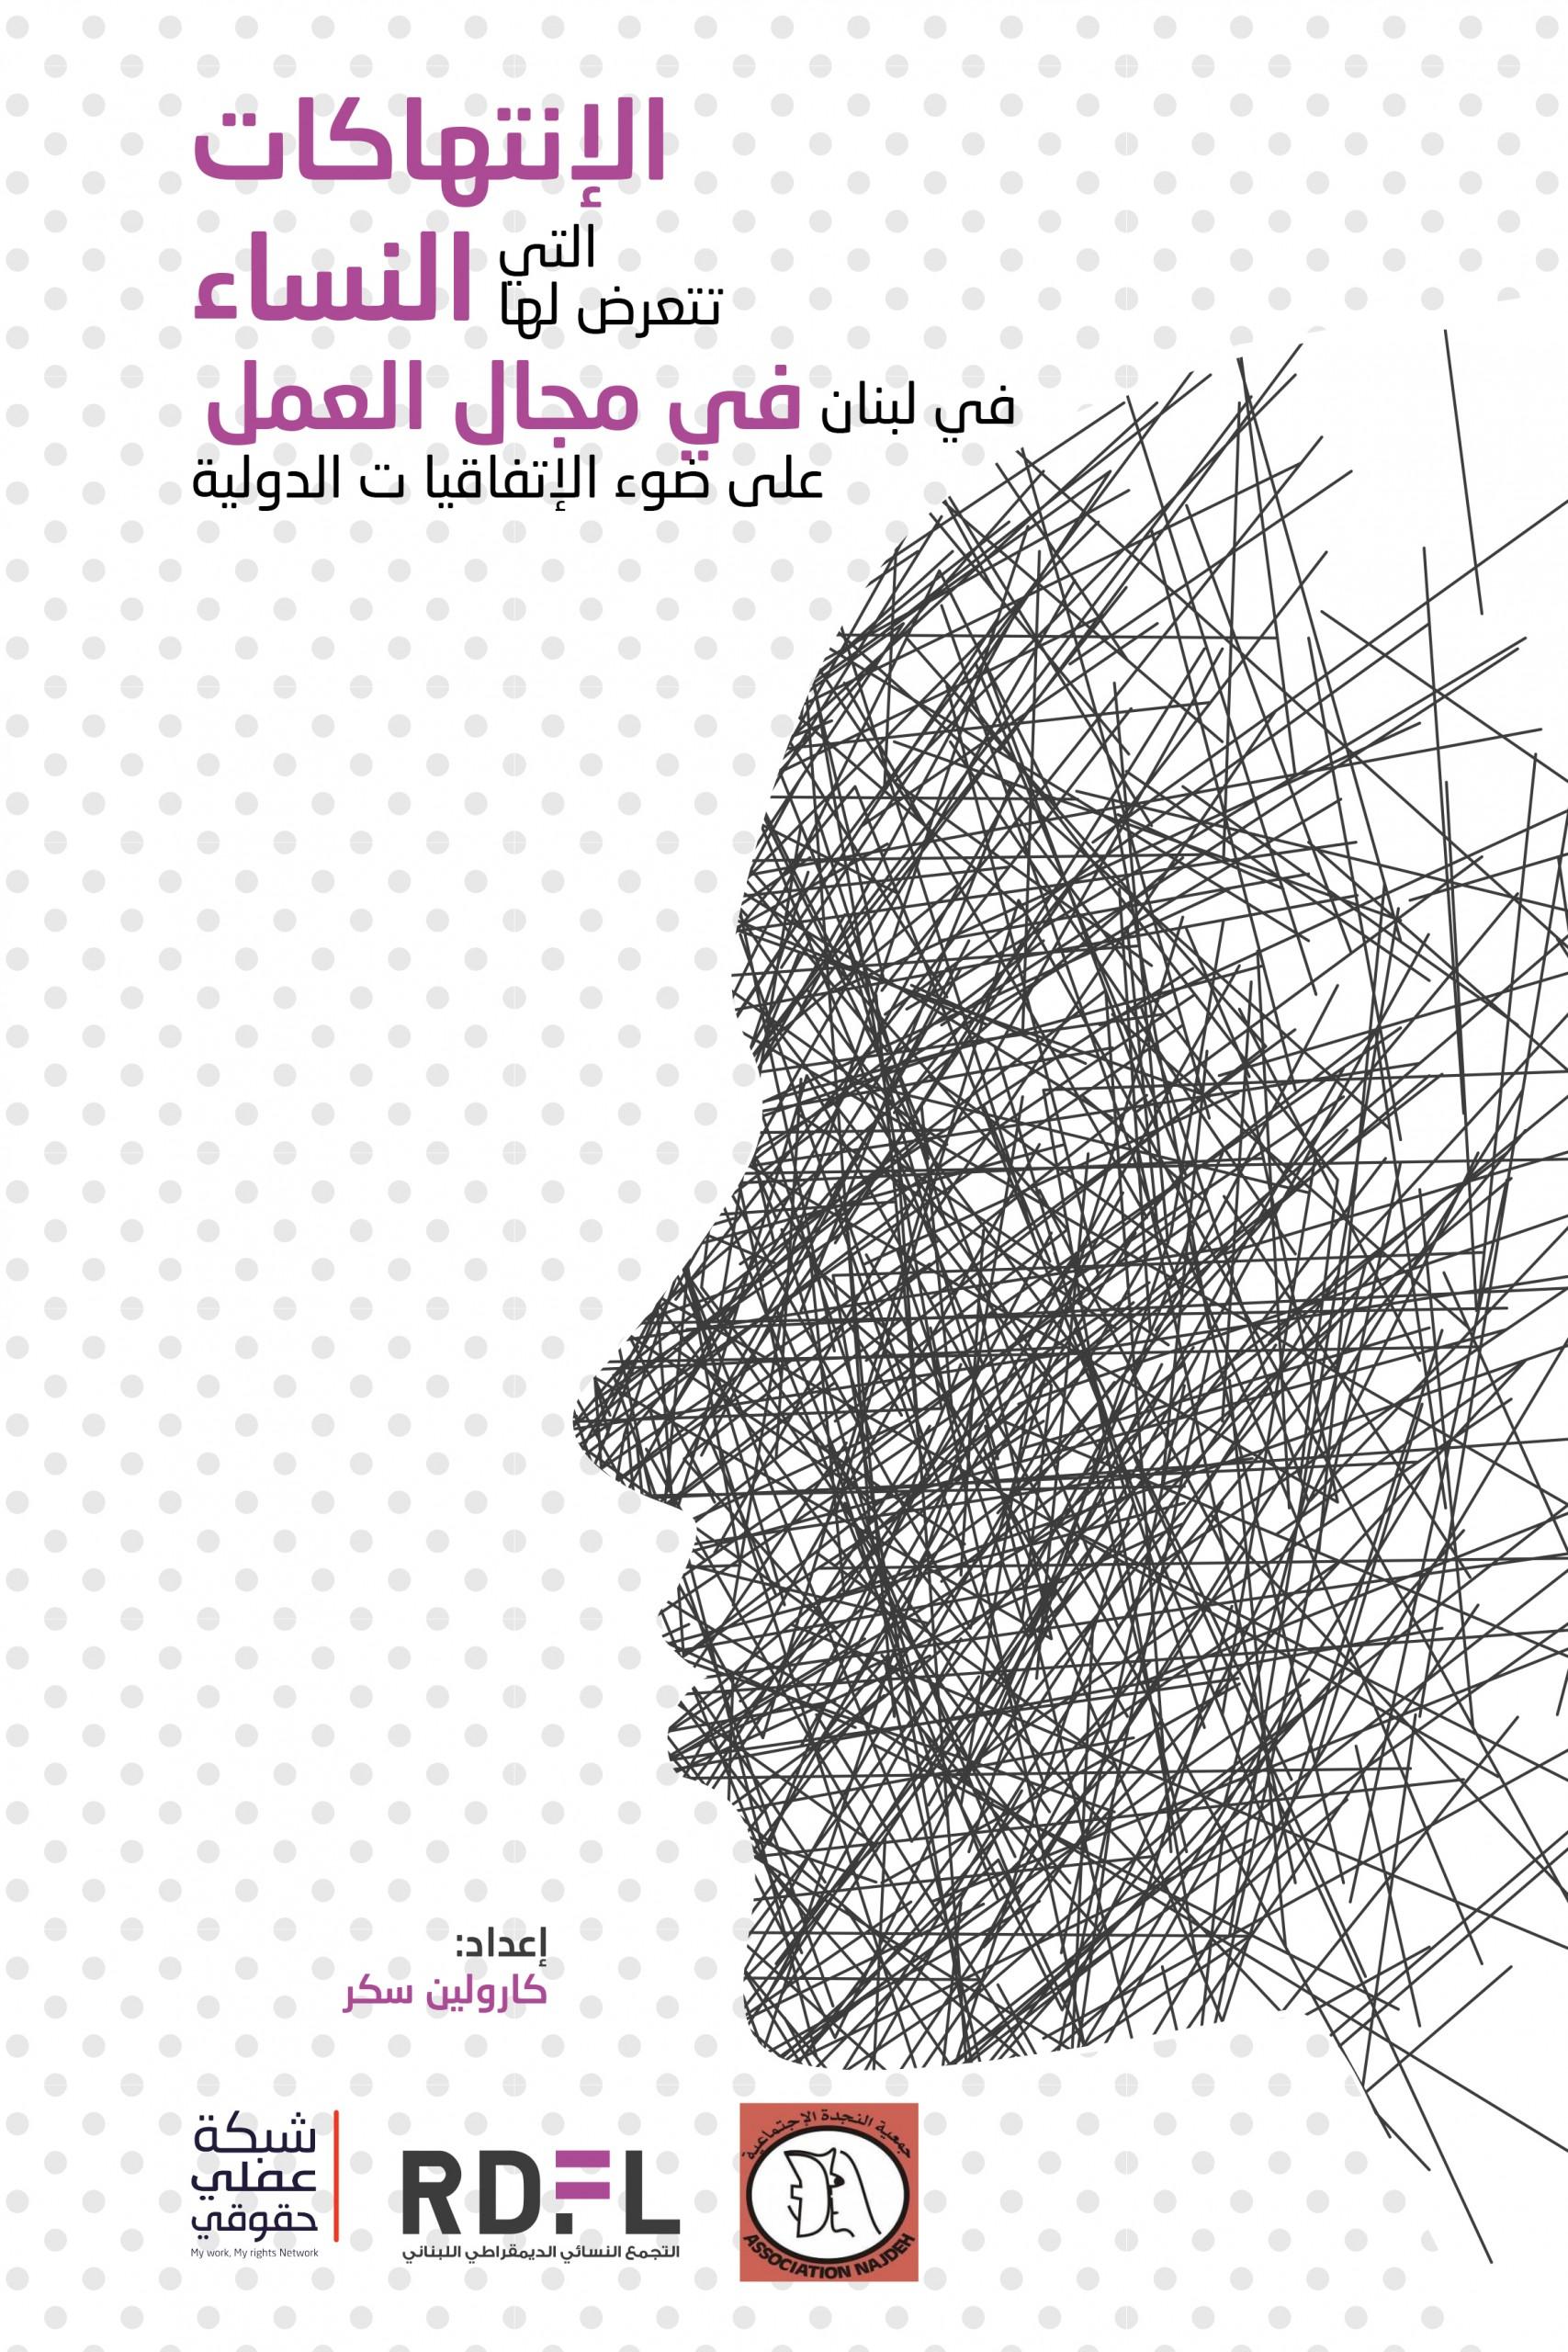 الانتهاكات التي تتعرض لها النساء في لبنان في مجال العمل على ضوء الاتفاقيات الدولية